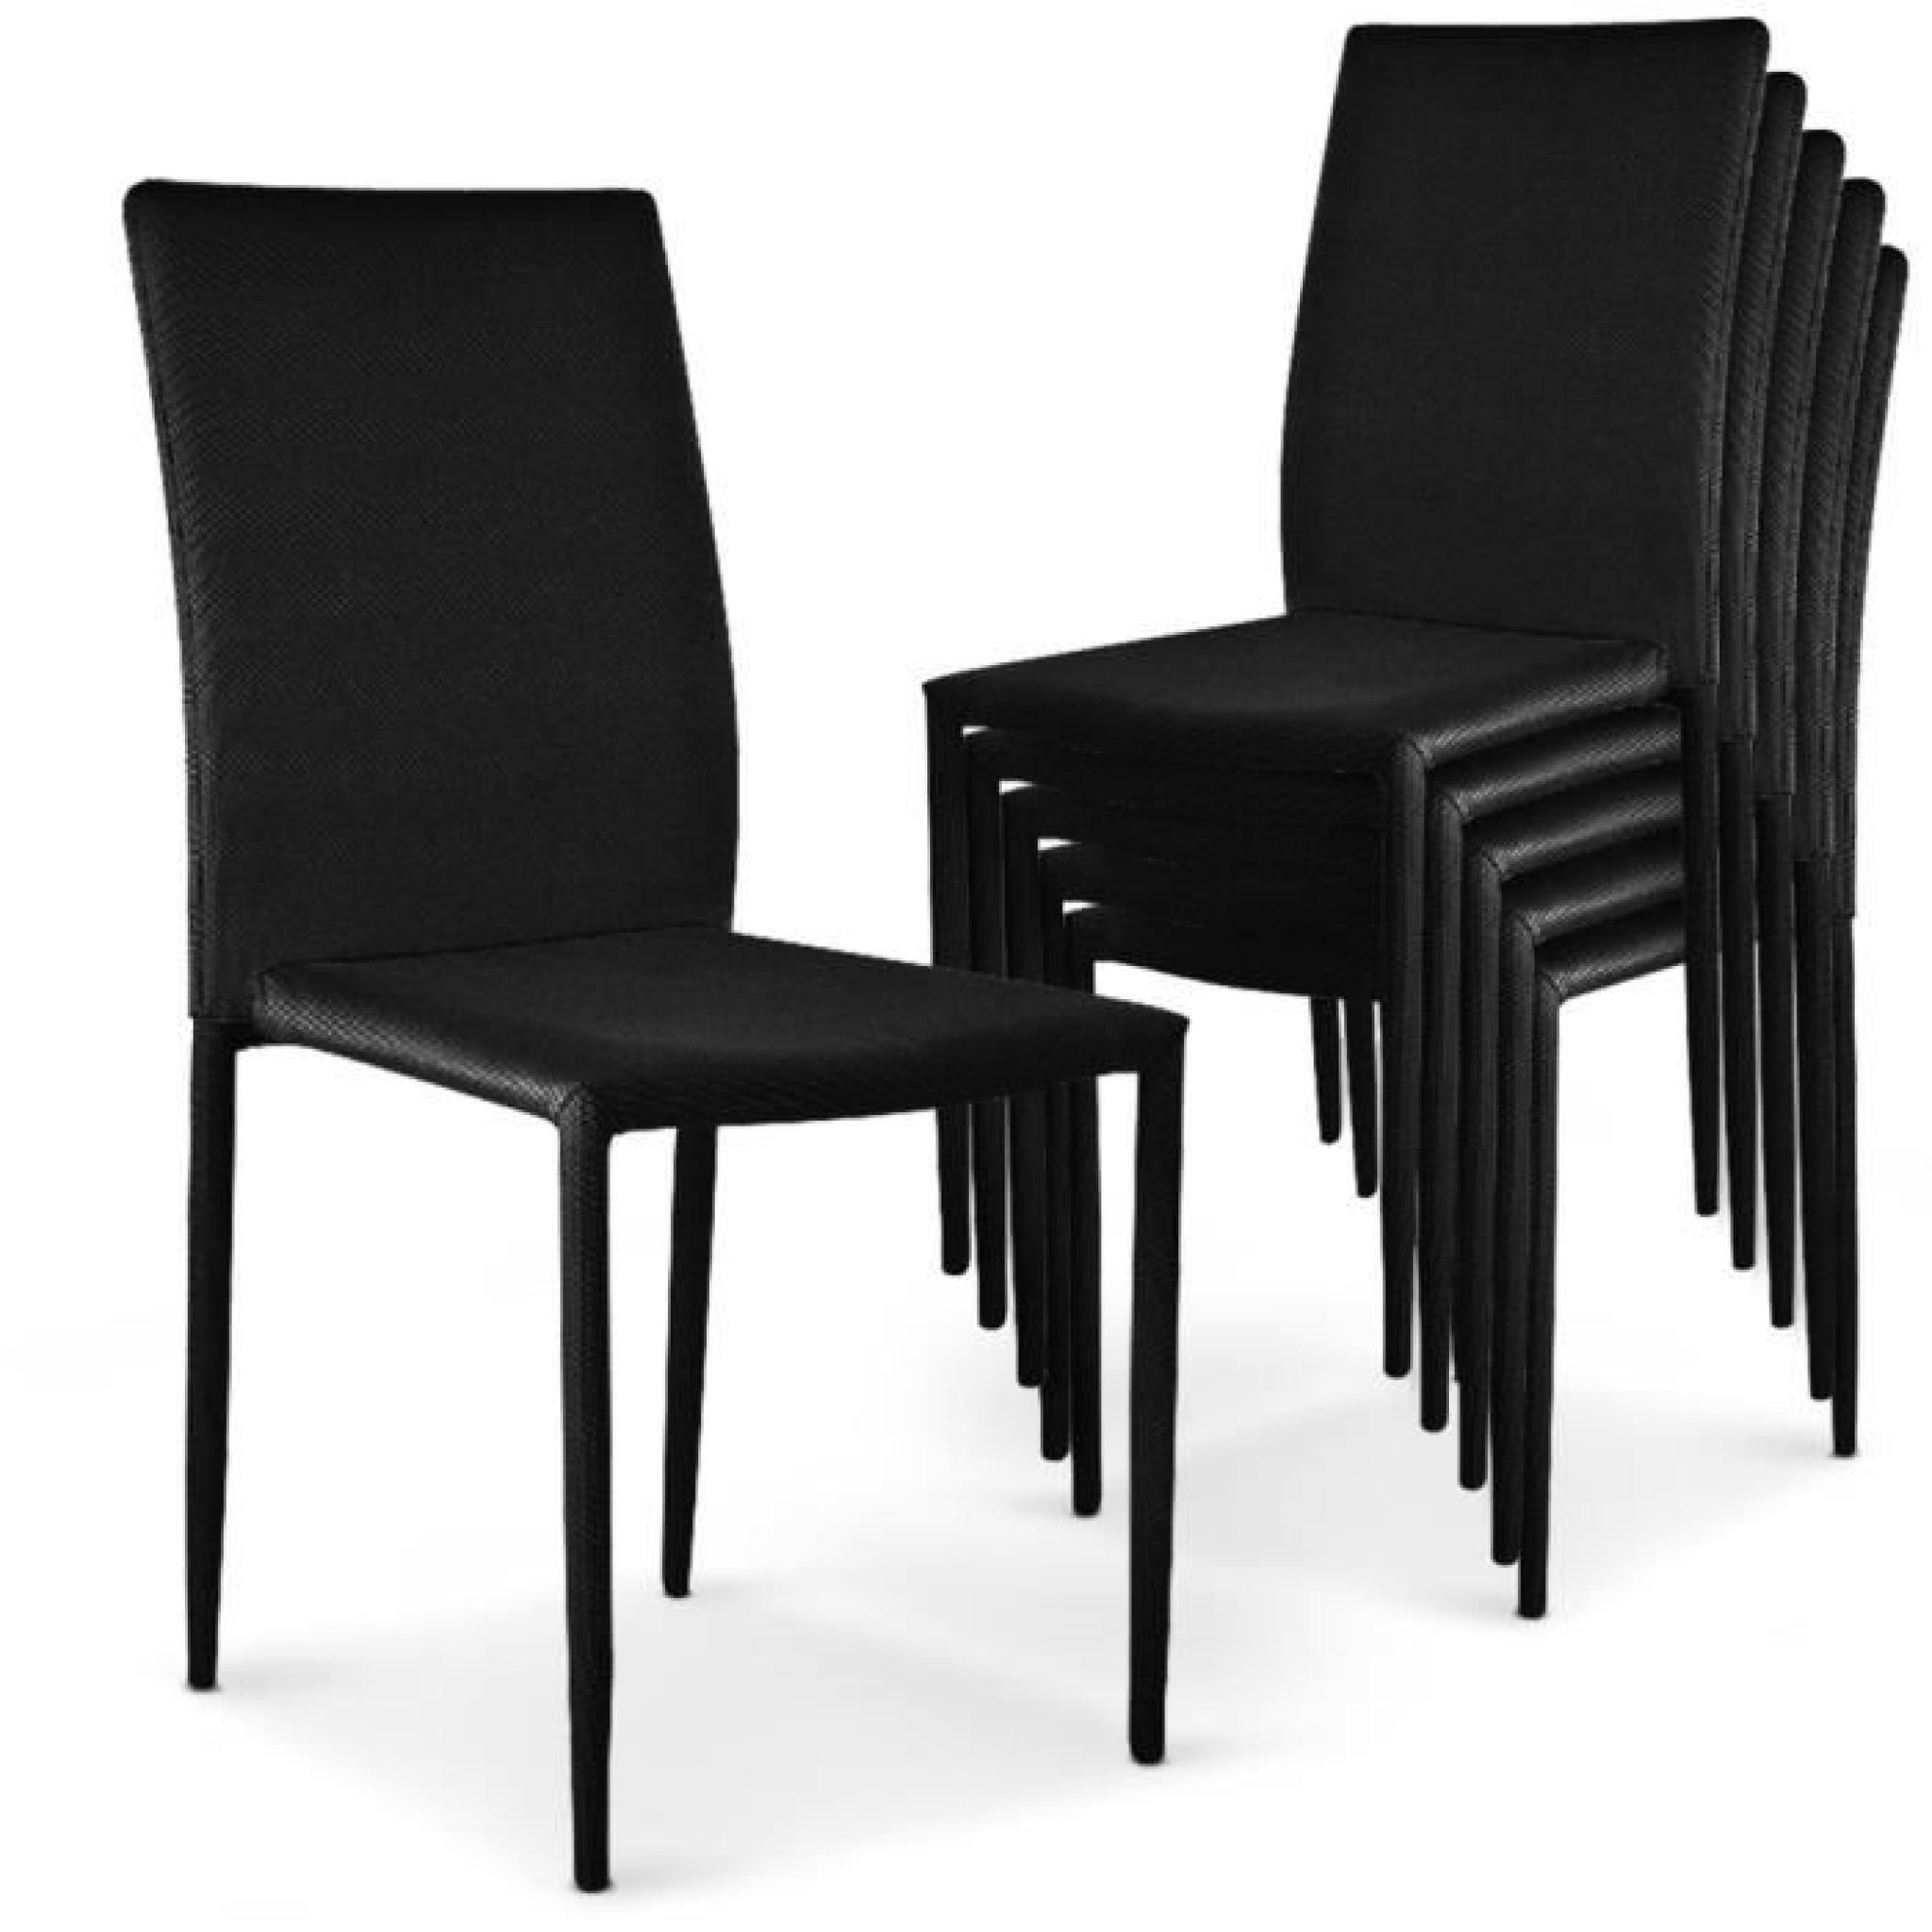 6 chaises pas cher 28 images table en verre 6 chaises - Table 6 chaises pas cher ...